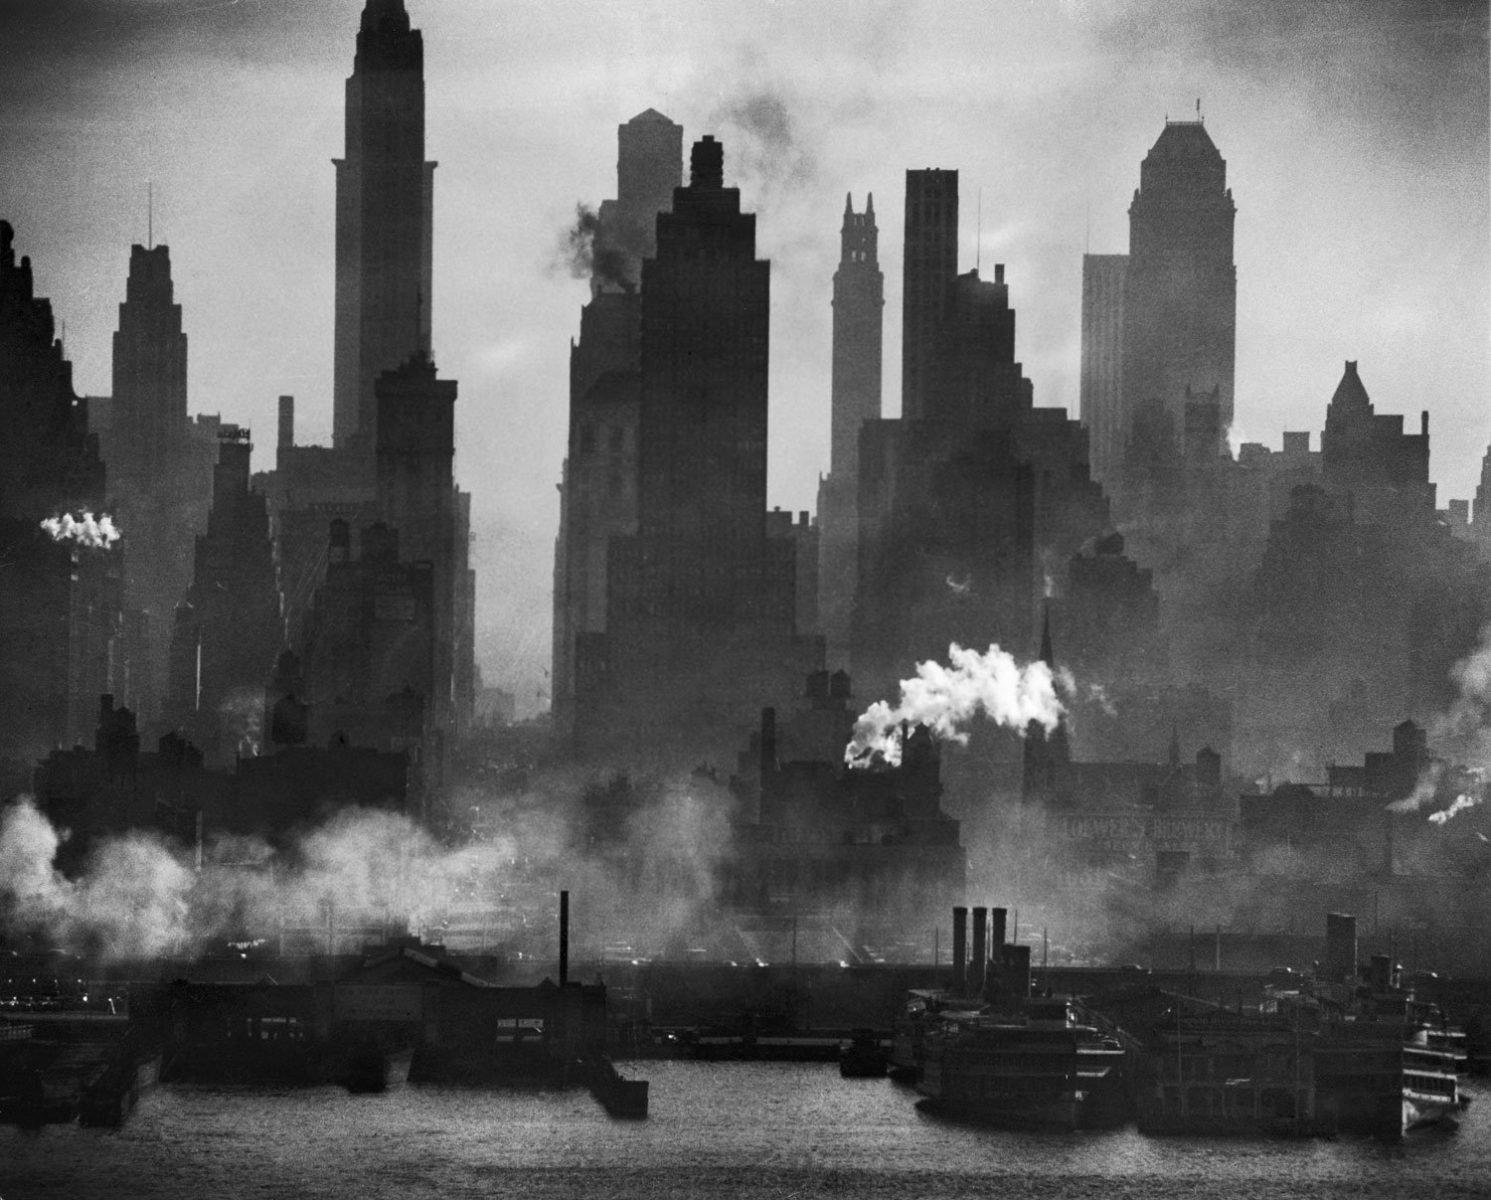 Landschaftsfotografie New York über den Hudson, NYC, von Andreas Feininger